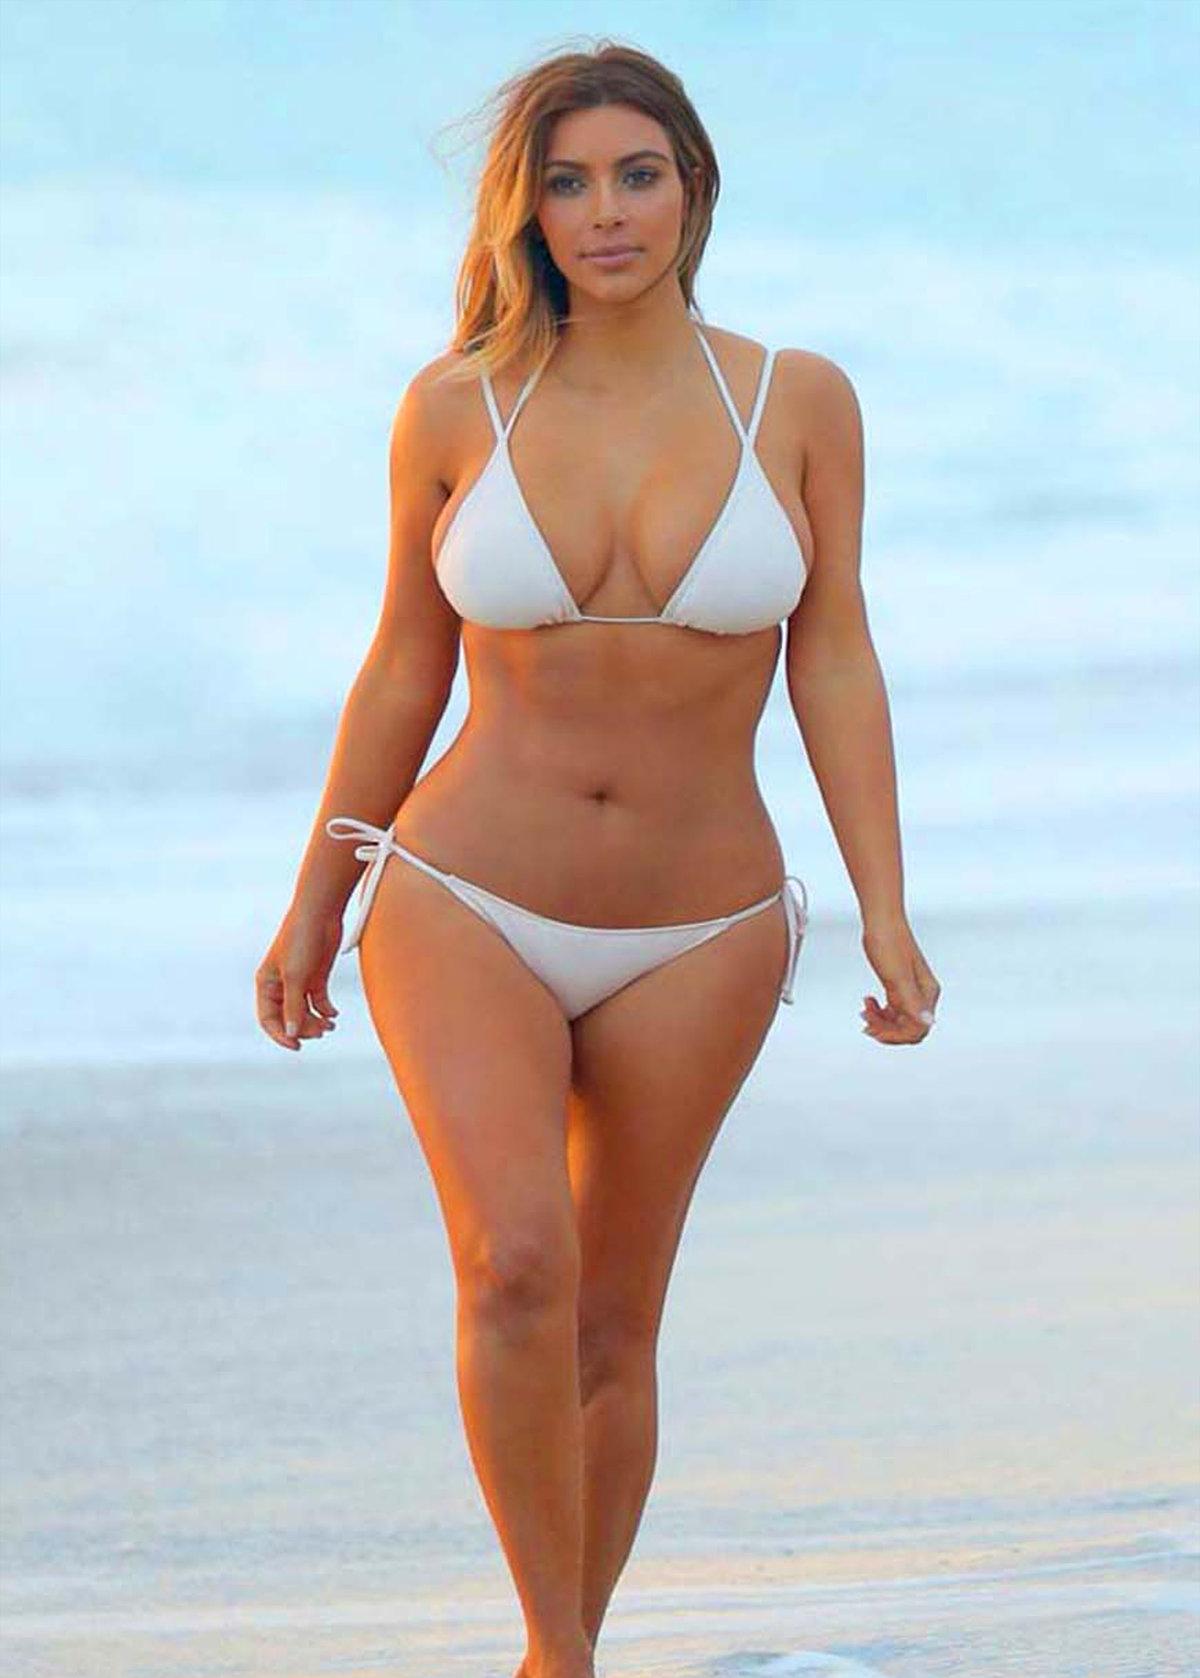 шарики женщины на пляже с широкими бедрами сравниваете